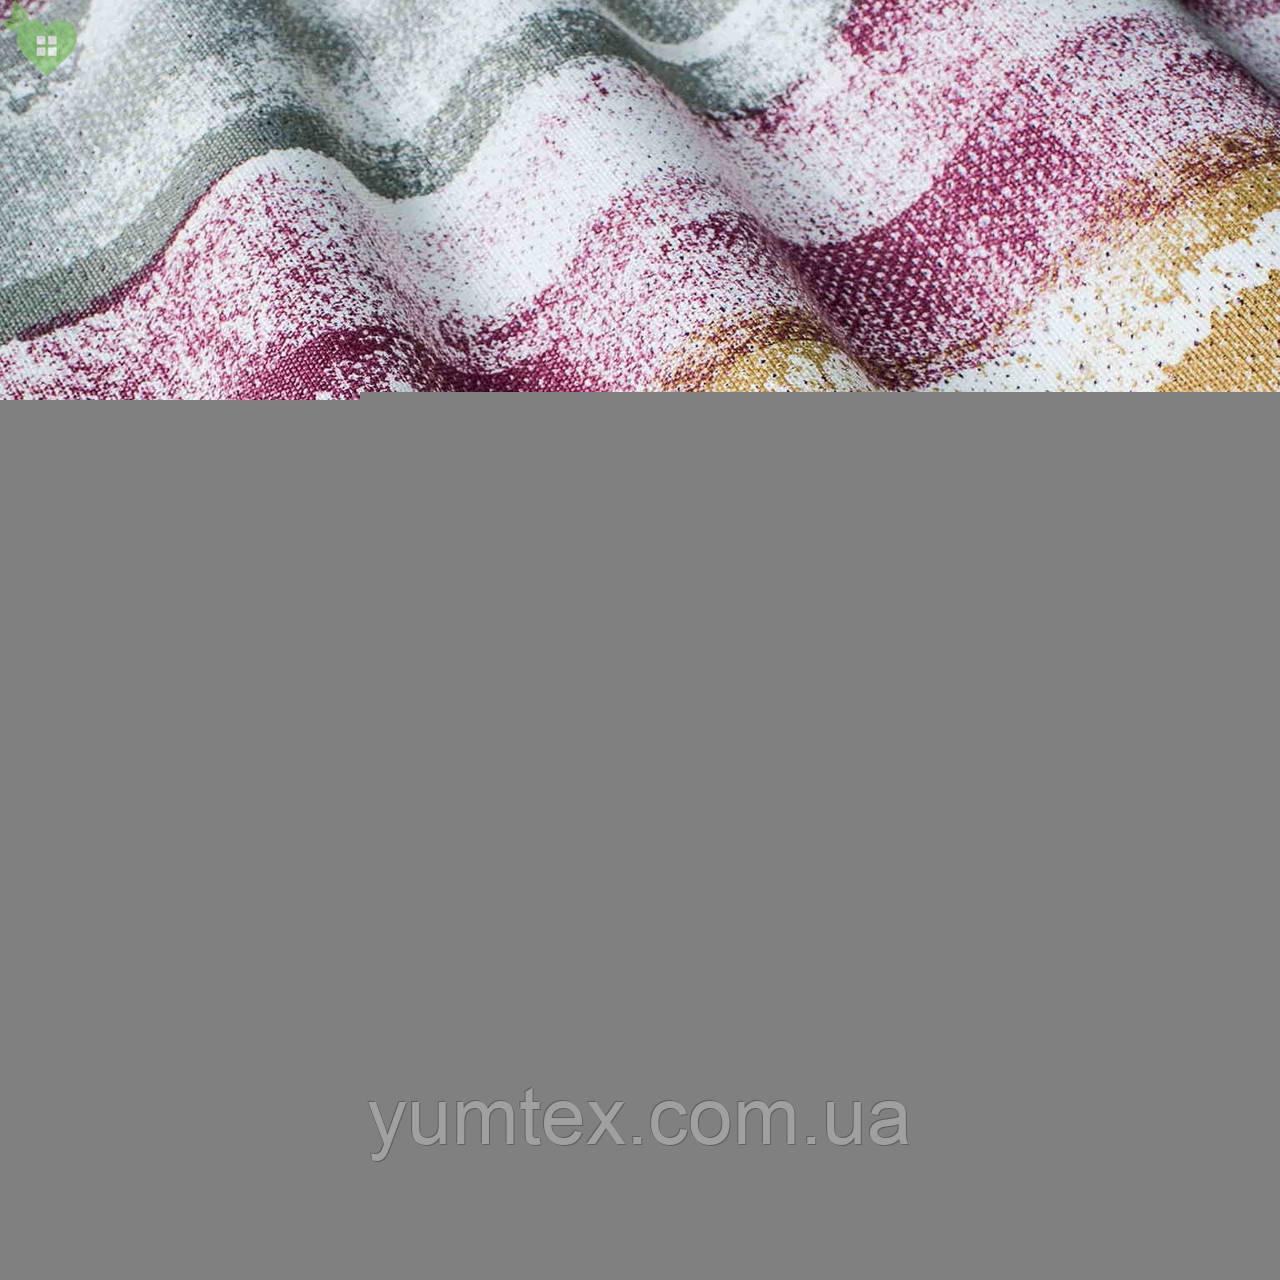 Декоративная ткань с размытыми фиолетовыми и оранжевыми полосами Испания